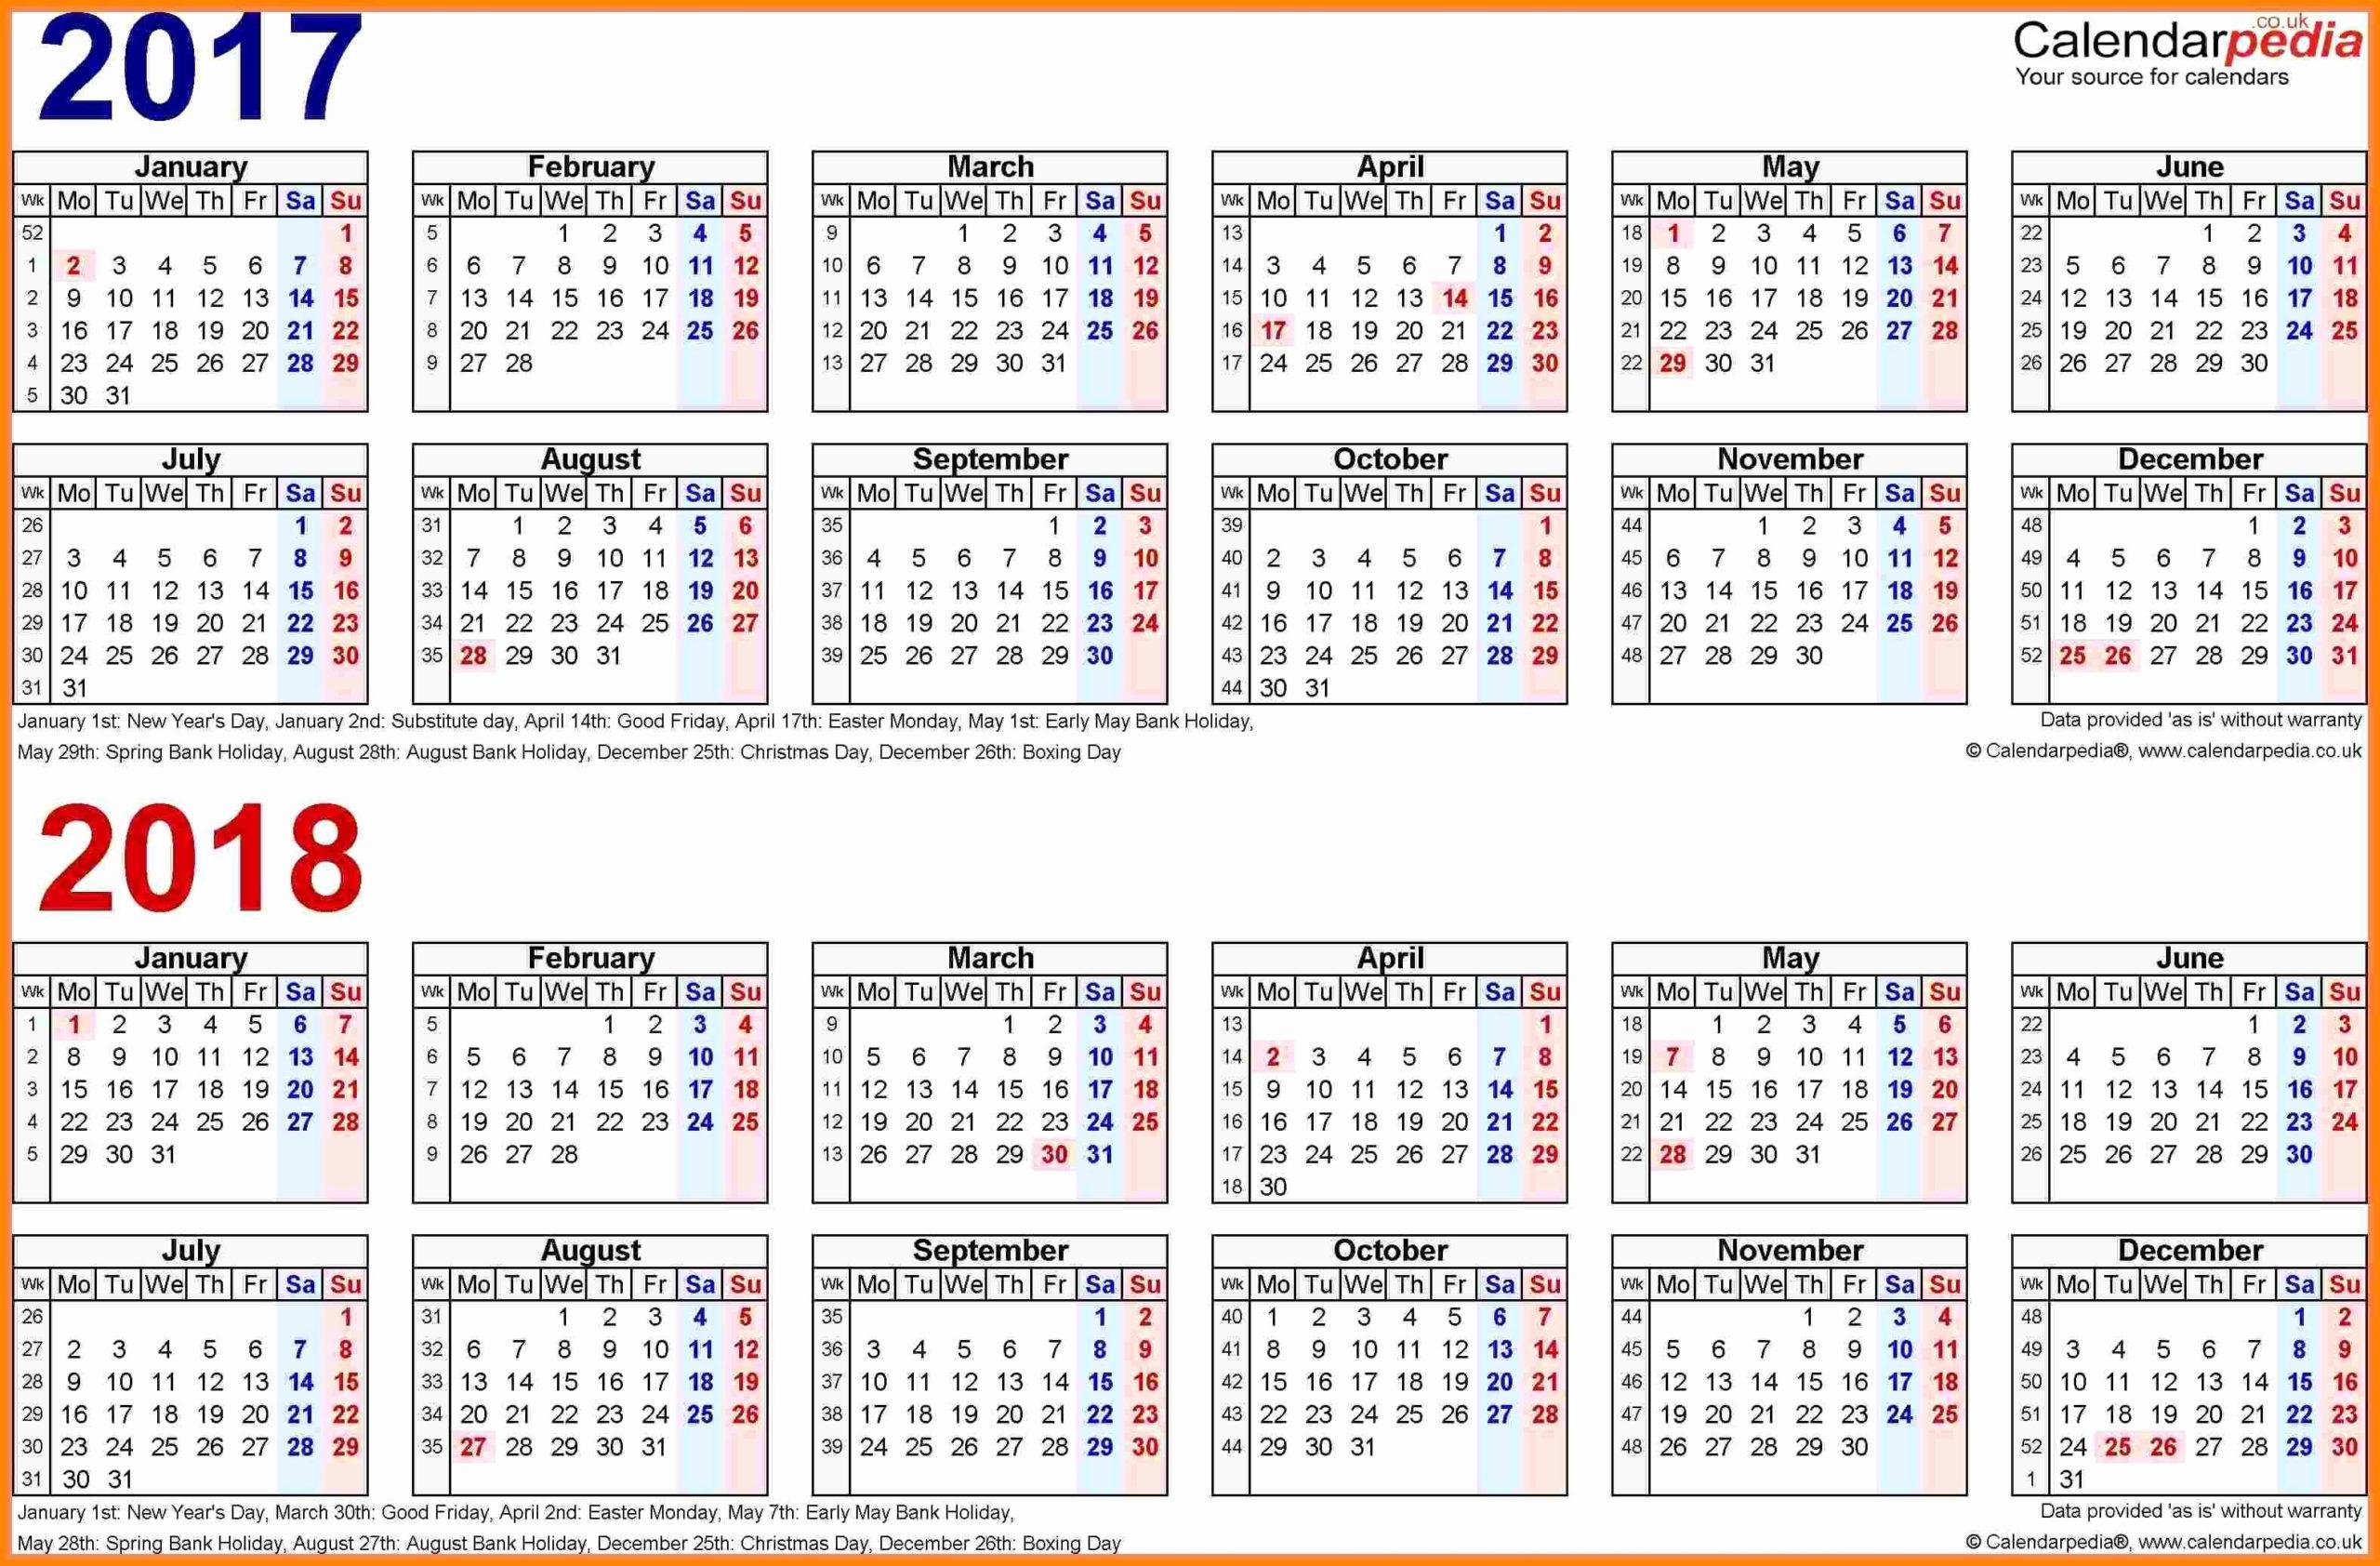 Payroll Calendar Osu | Payroll Calendar 2021